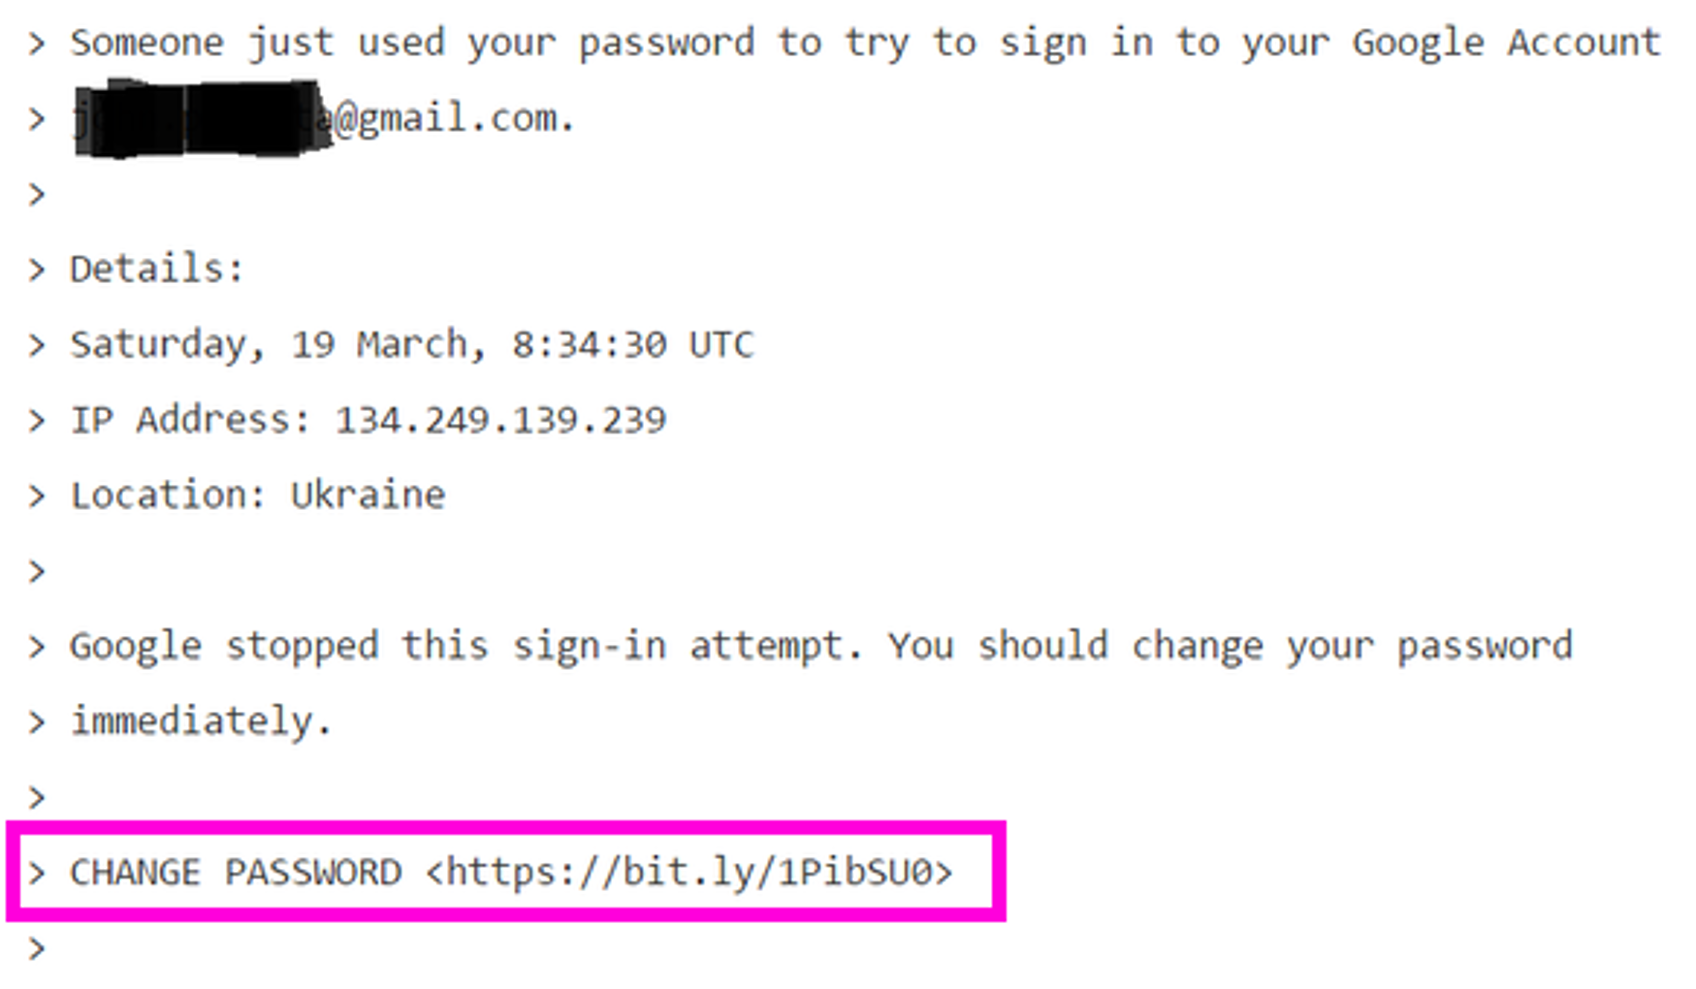 podesta-hack-email-link-1